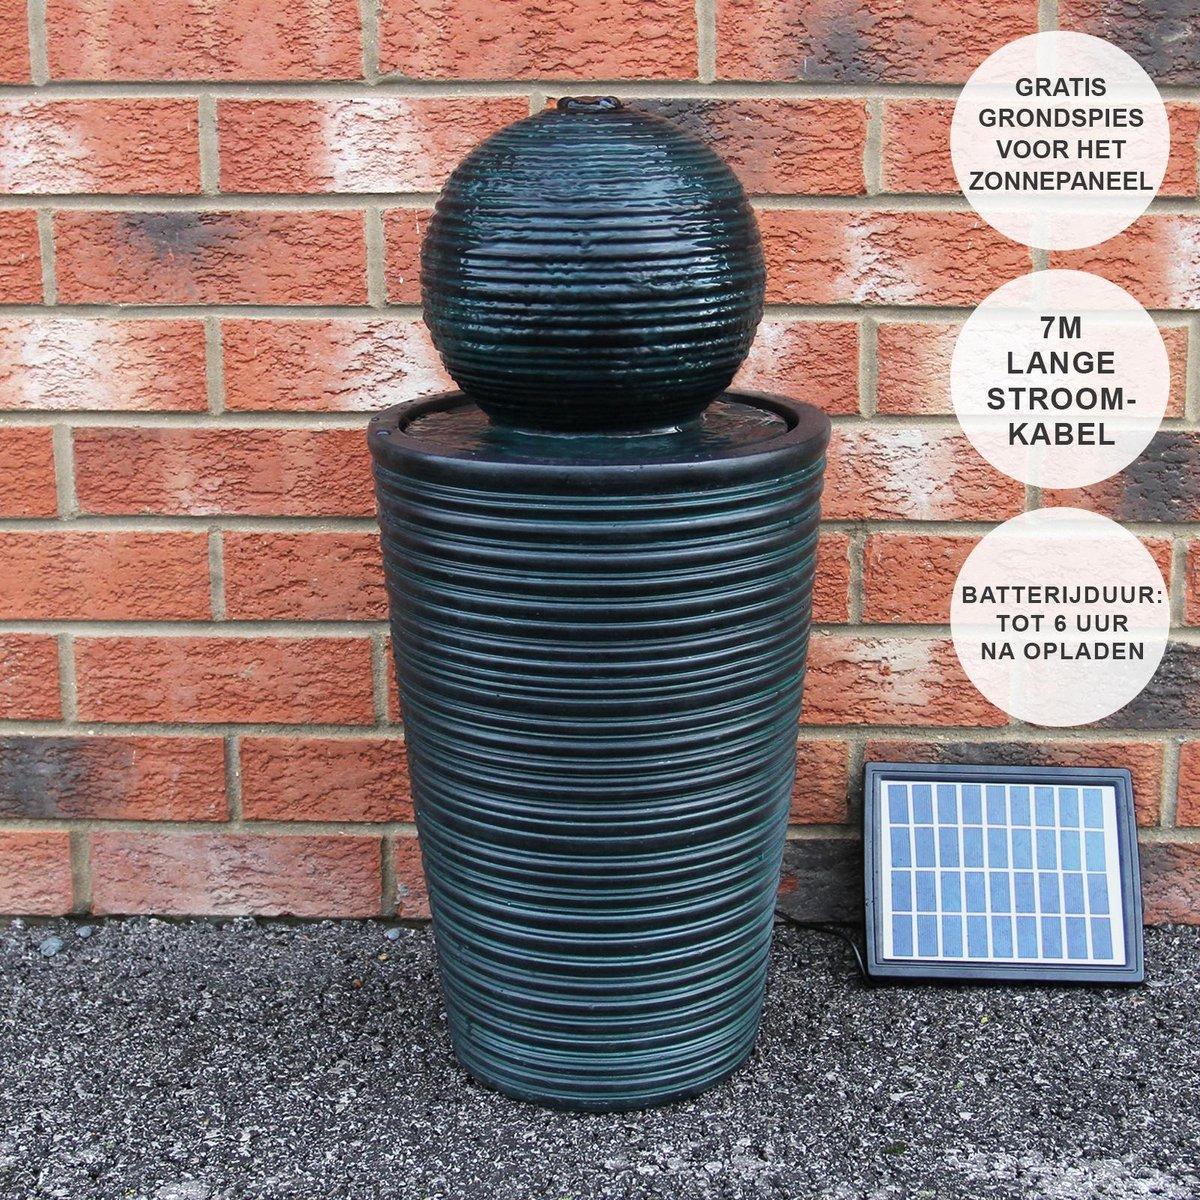 Bol fontein - Zonne-energie - Reservebatterij van 6 uur - 2.8 W 8 V - waterornament tuin